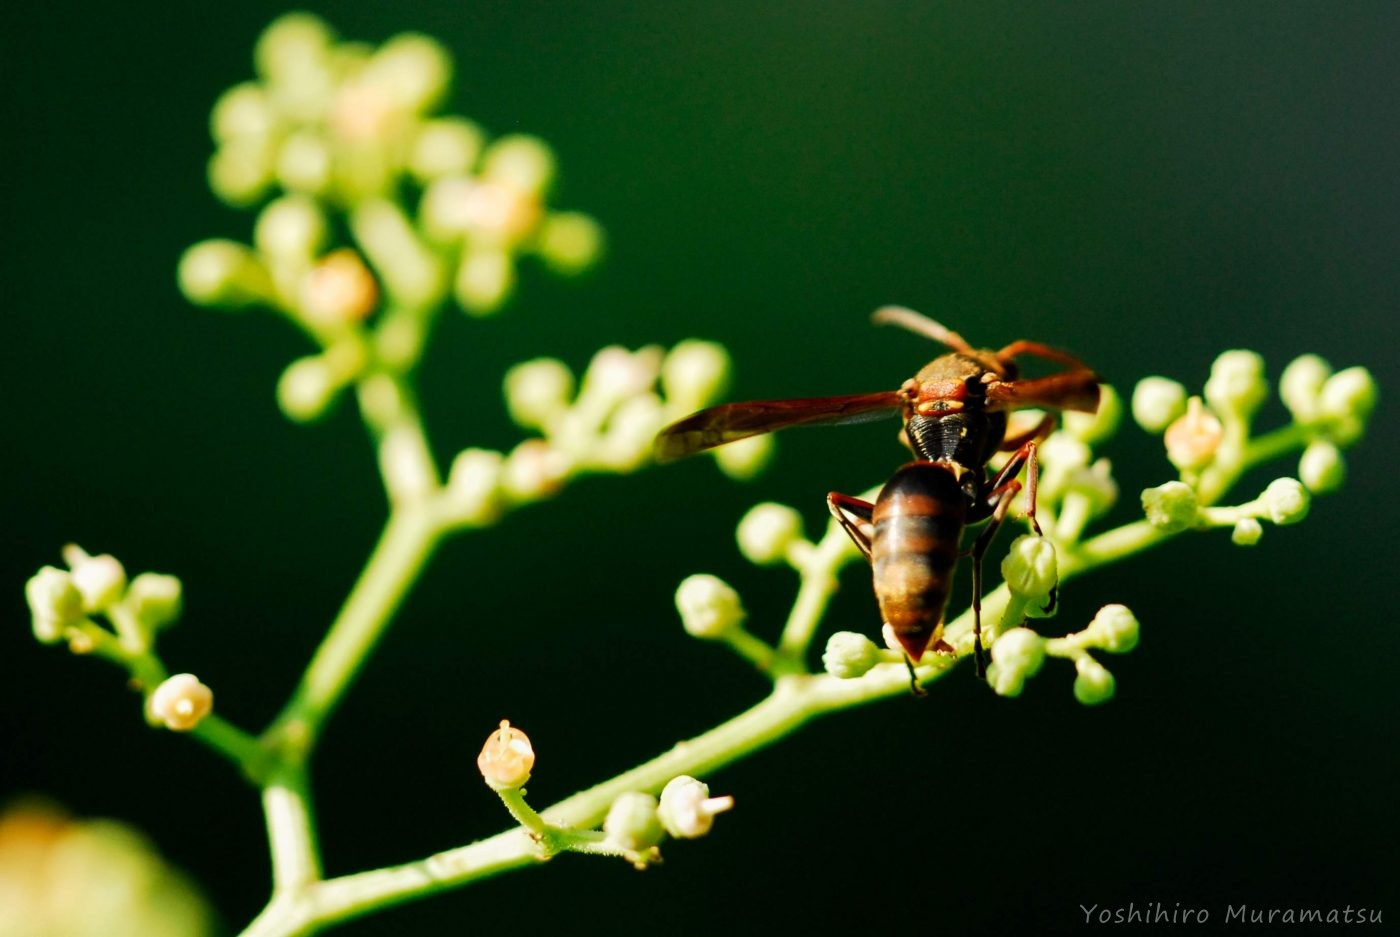 キボシアシナガバチの写真